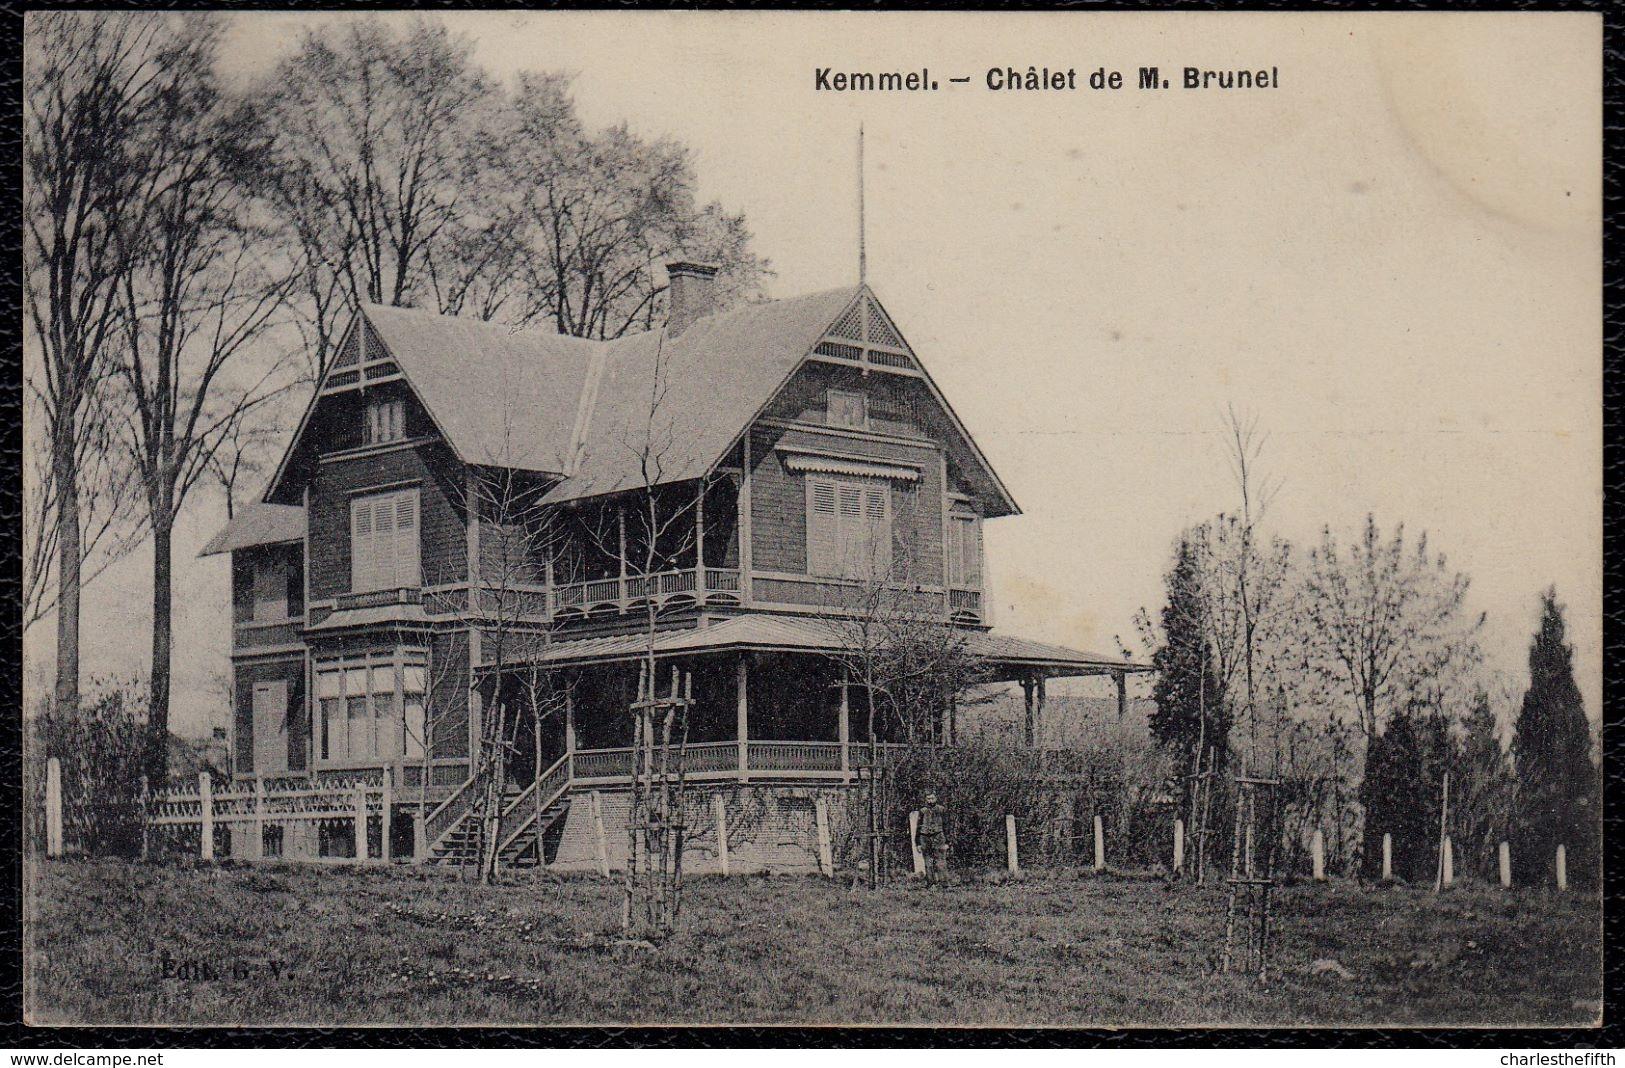 KEMMEL - CHALET DE M. BRUNEL - Zeer Mooi ! - Kluisbergen